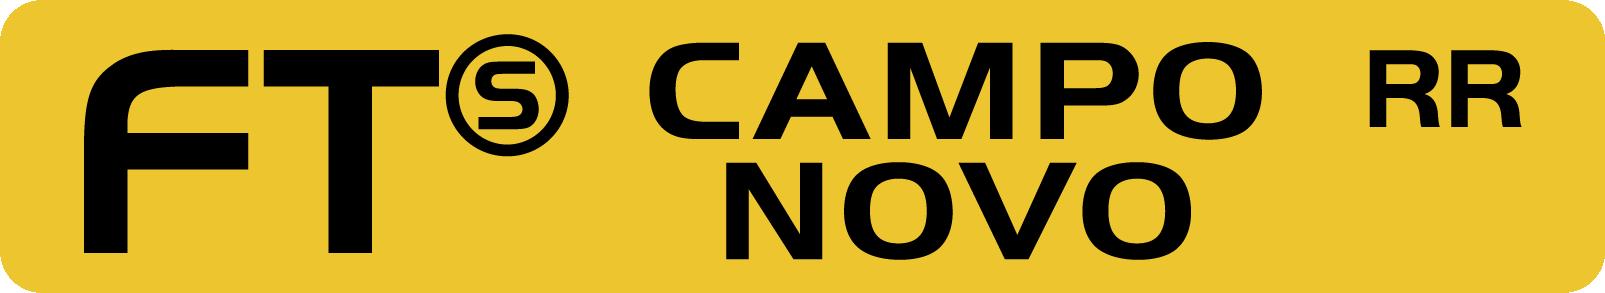 FTS CAMPO NOVO RR